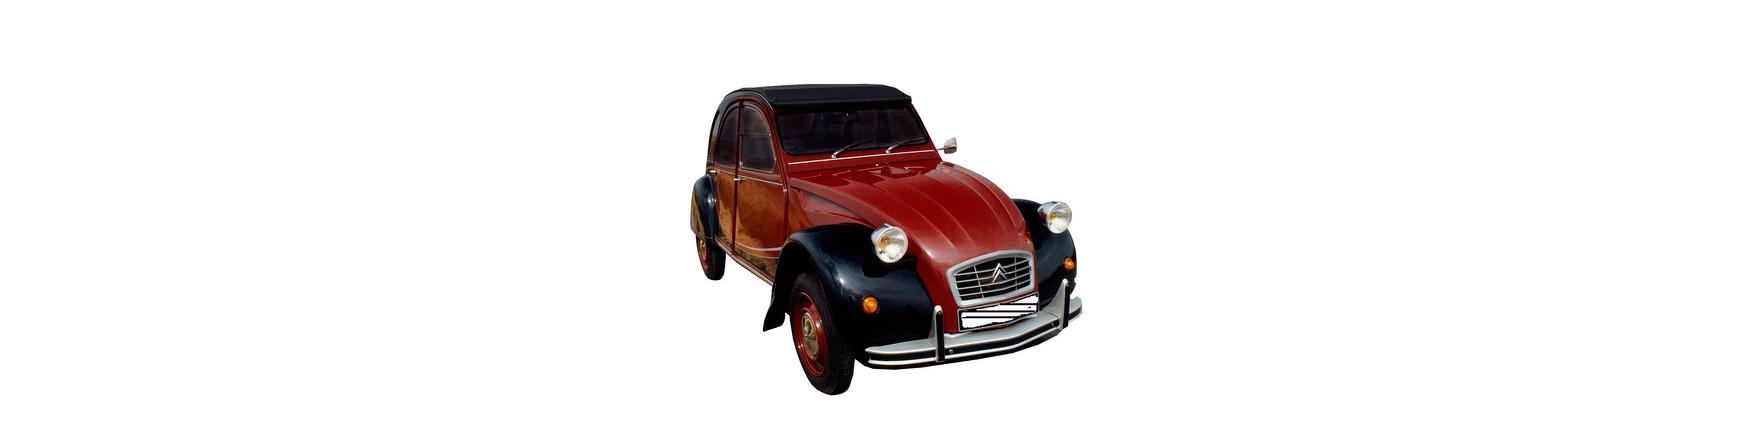 Recambios nuevos al mejor precio de Citroën de 2 CV de 1970 a 1990.